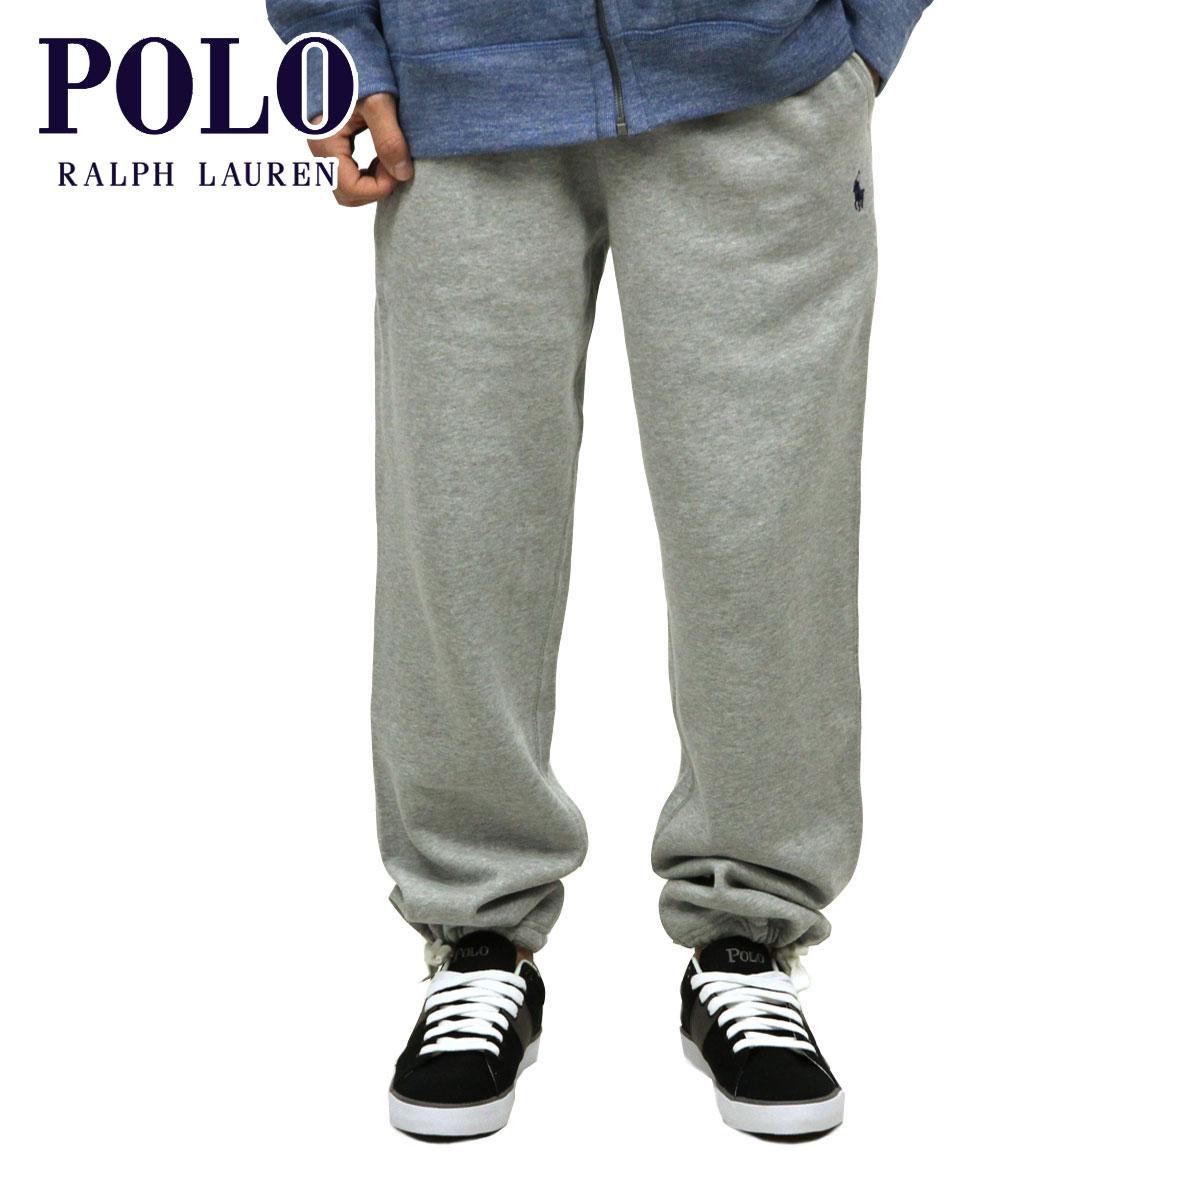 【販売期間 5/20 10:00~5/30 09:59】 ポロ ラルフローレン POLO RALPH LAUREN 正規品 メンズ スウェットパンツ Classic Fleece Athletic Pant D15S25